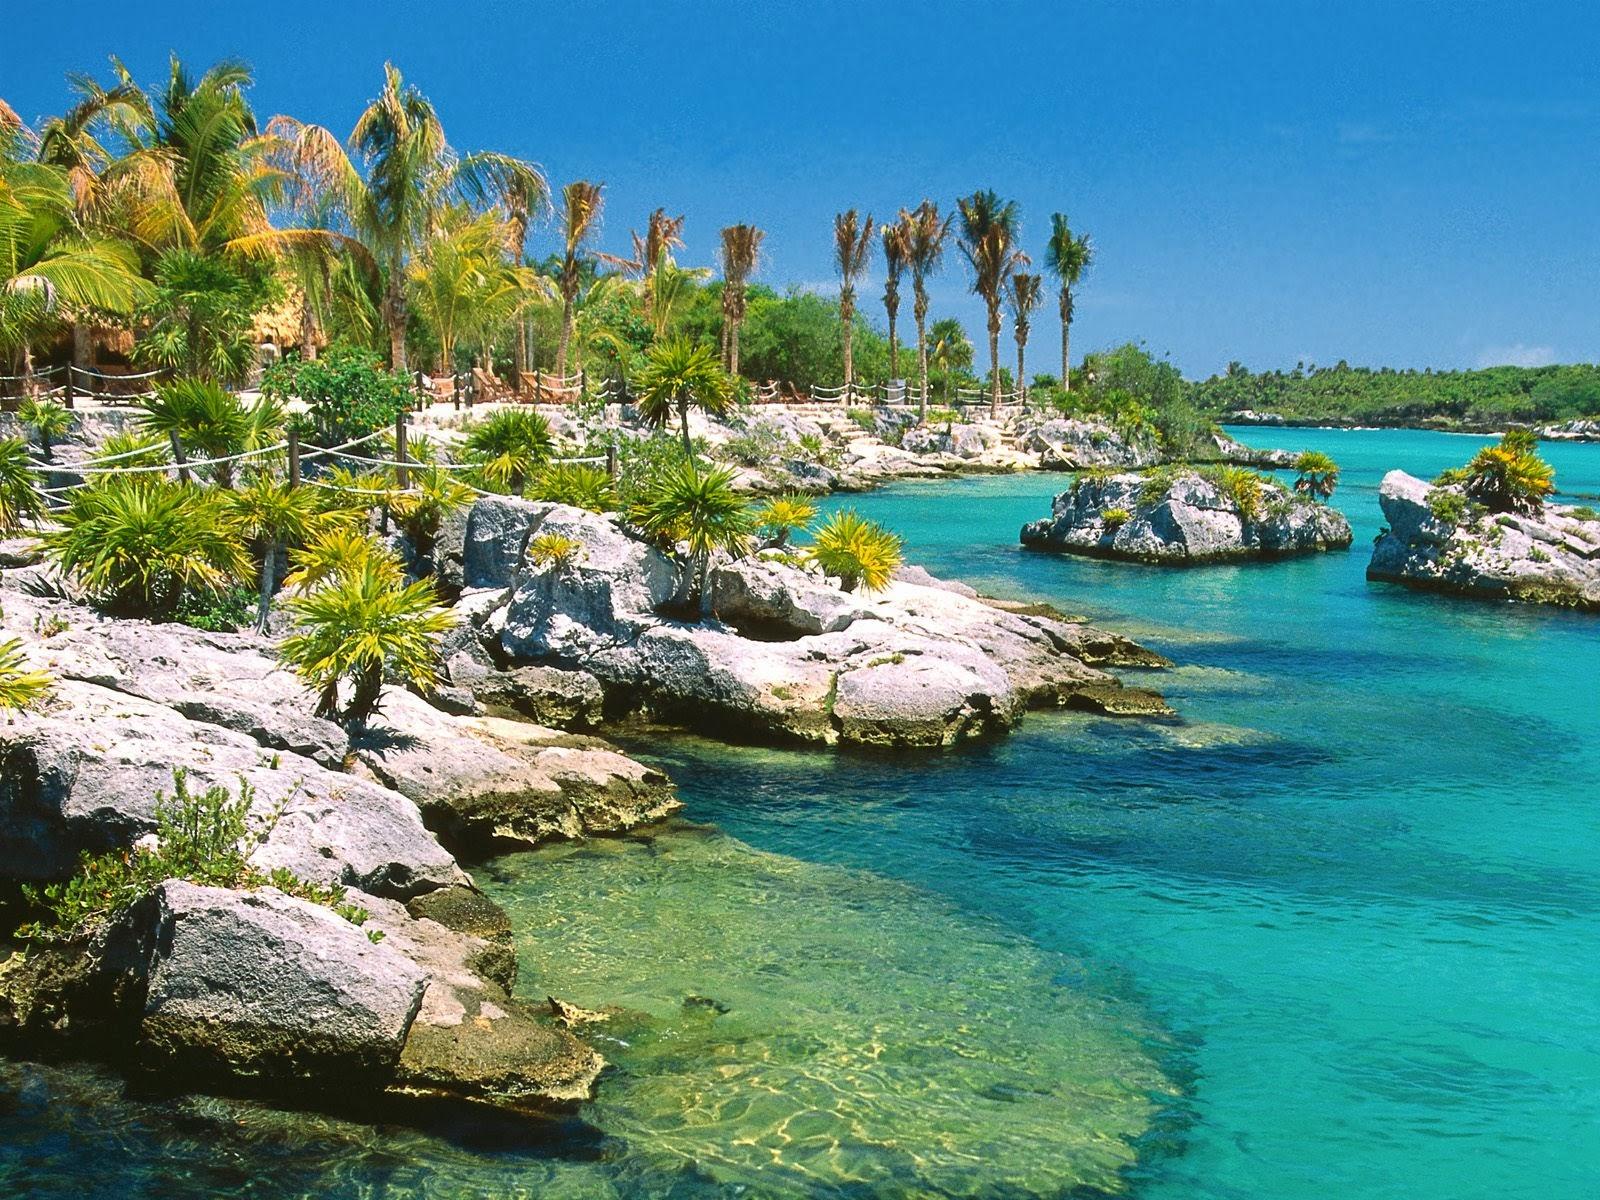 b6d27b3057 Em Cancun existem cerca de 22 quilômetros de praias de areia fina